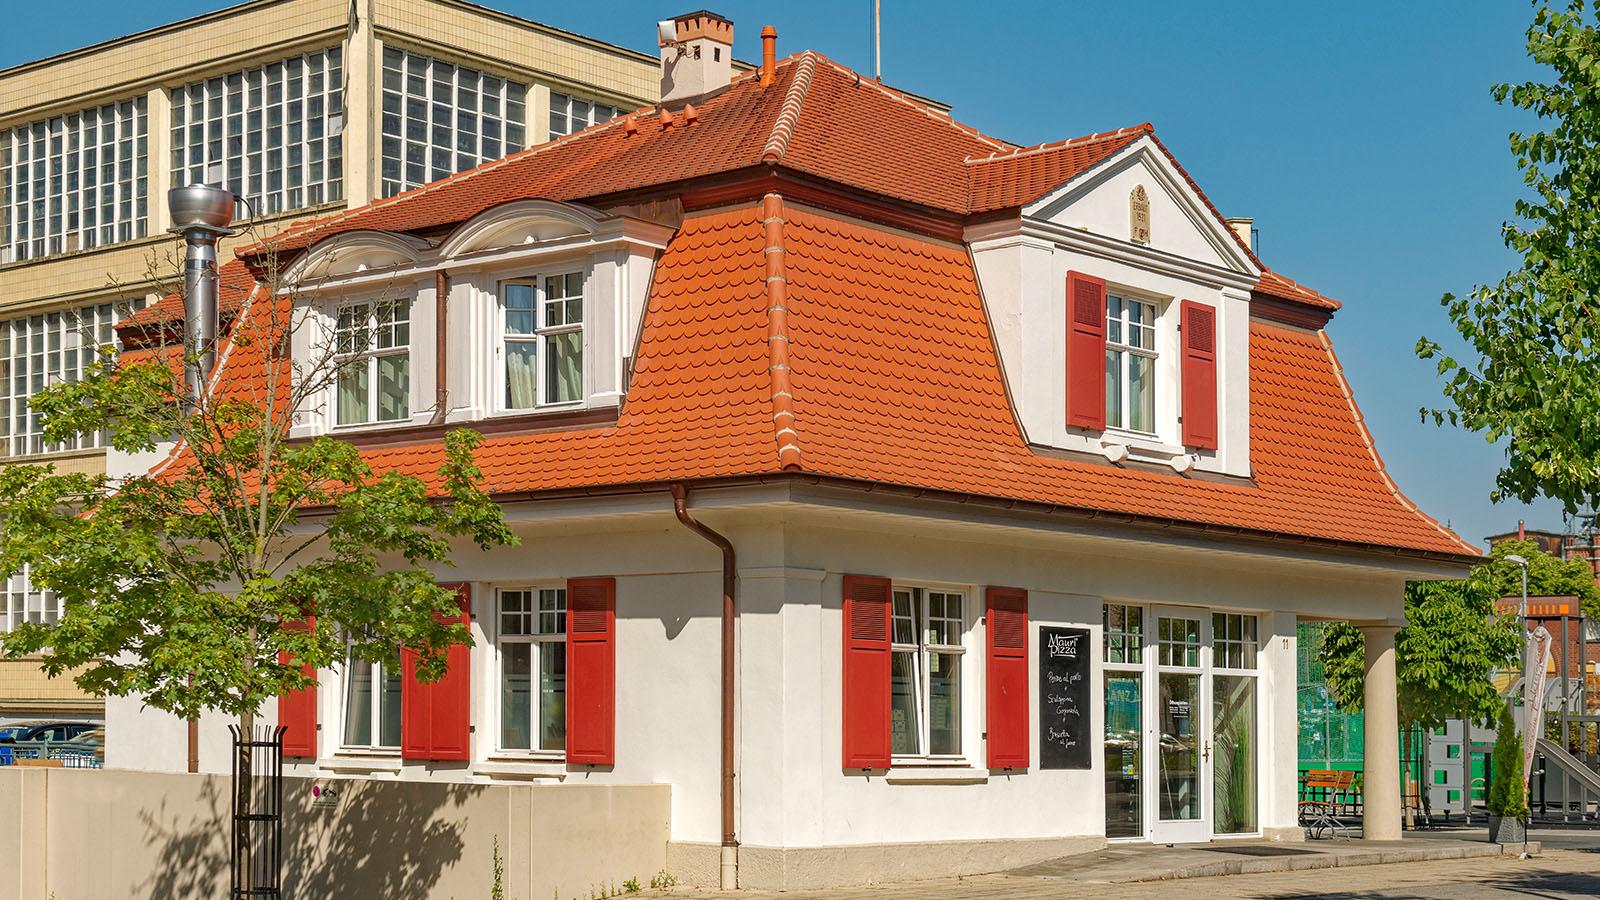 h2m-pfoertnerhaus-alte-spinnerei-kulmbach-denkmalschutz-sanierung-fassade-süden